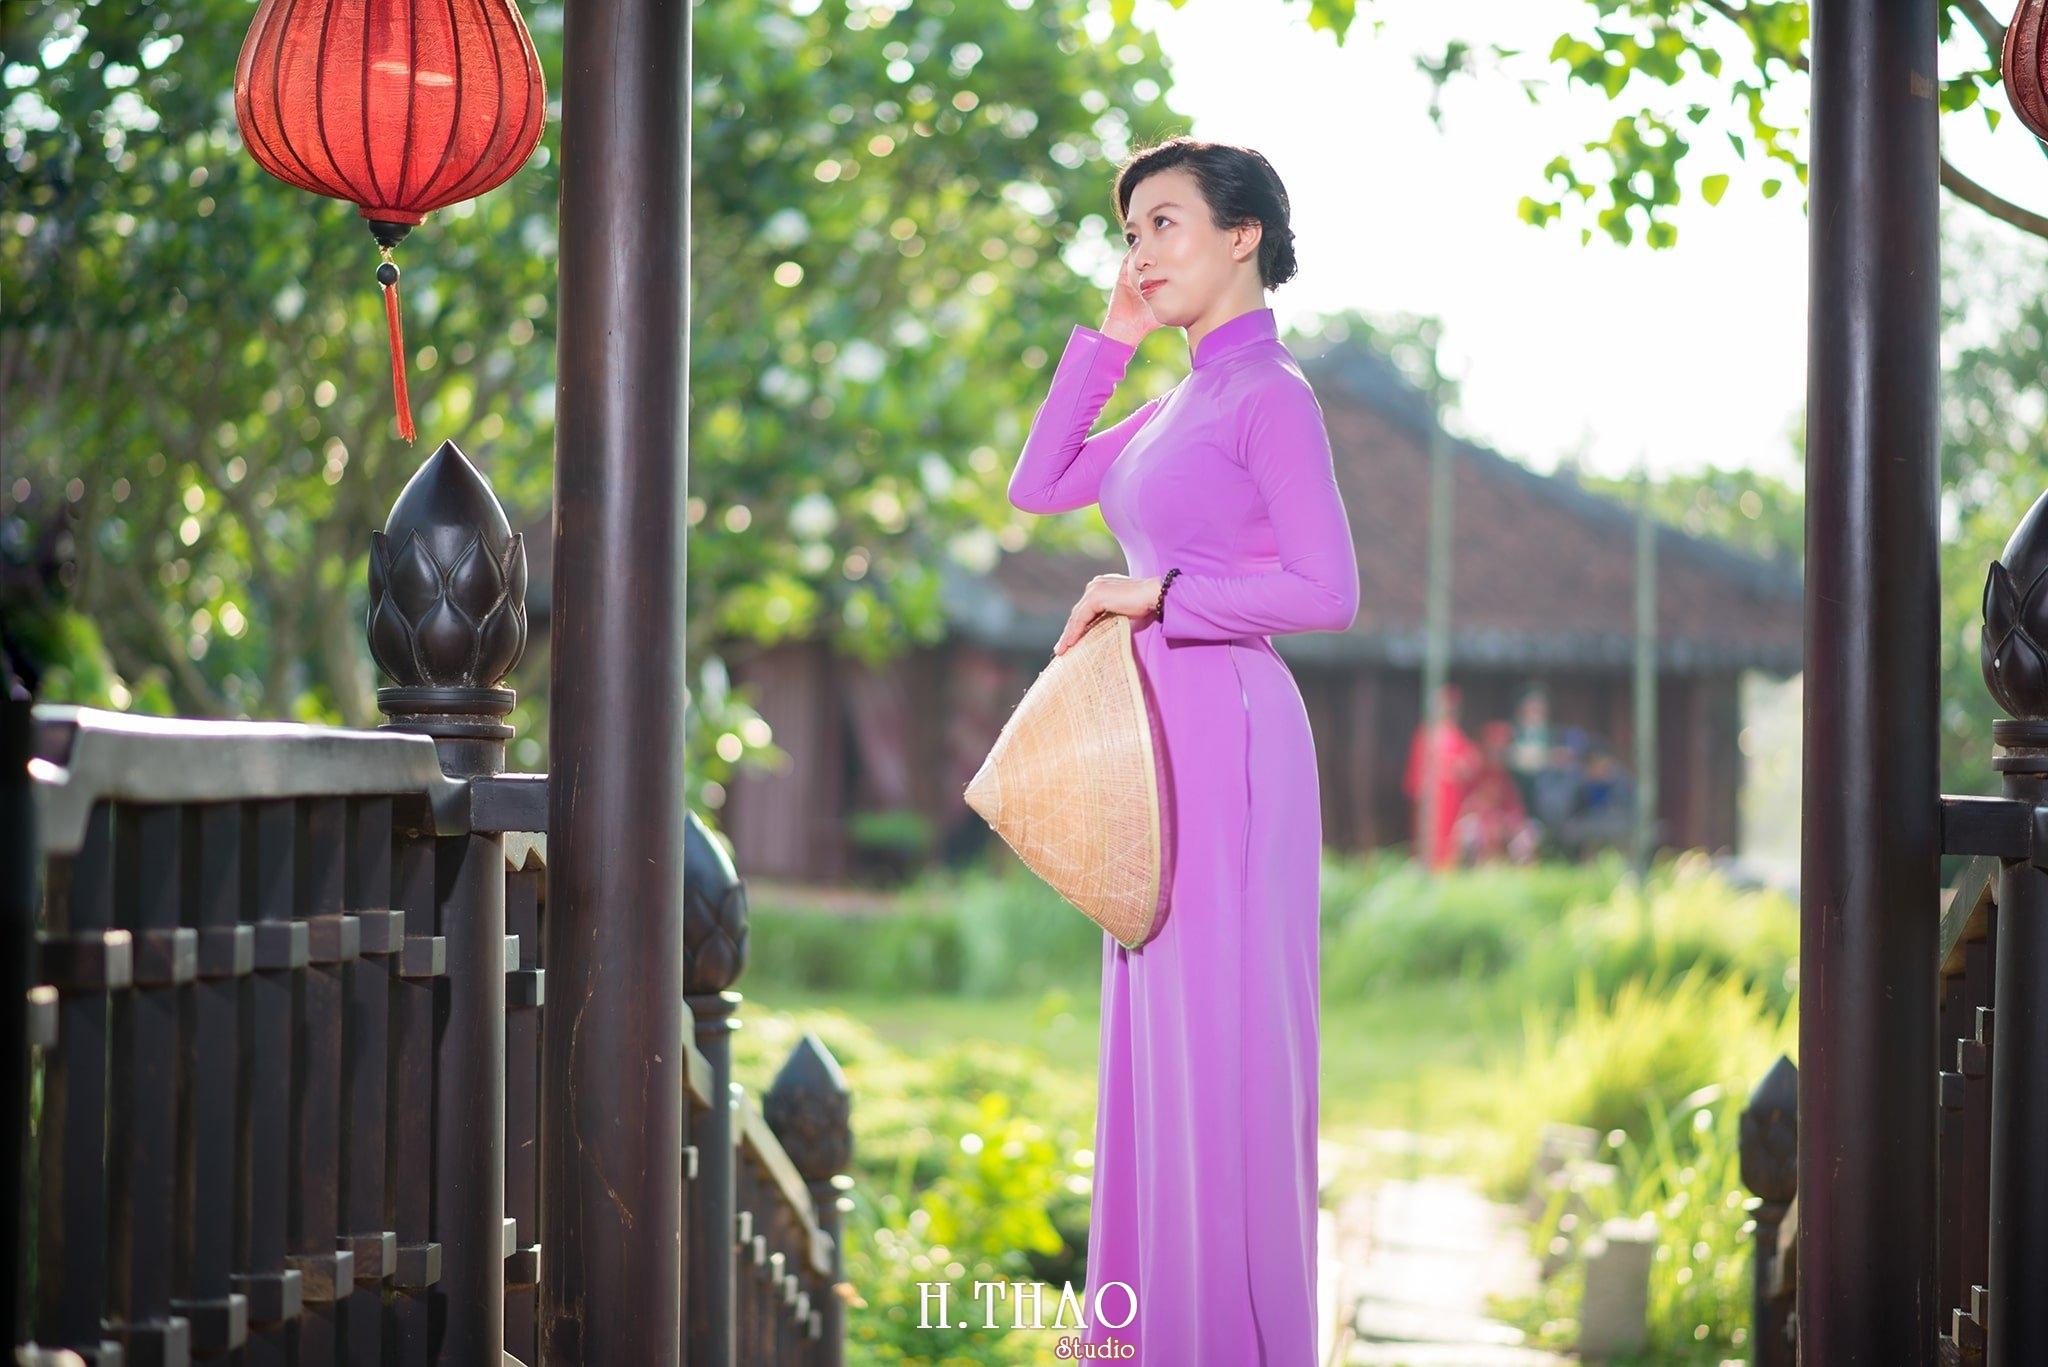 Ao dai tim 9 - Bảo tàng áo dài quận 9, địa điểm chụp hình HOT nhất Tp.HCM